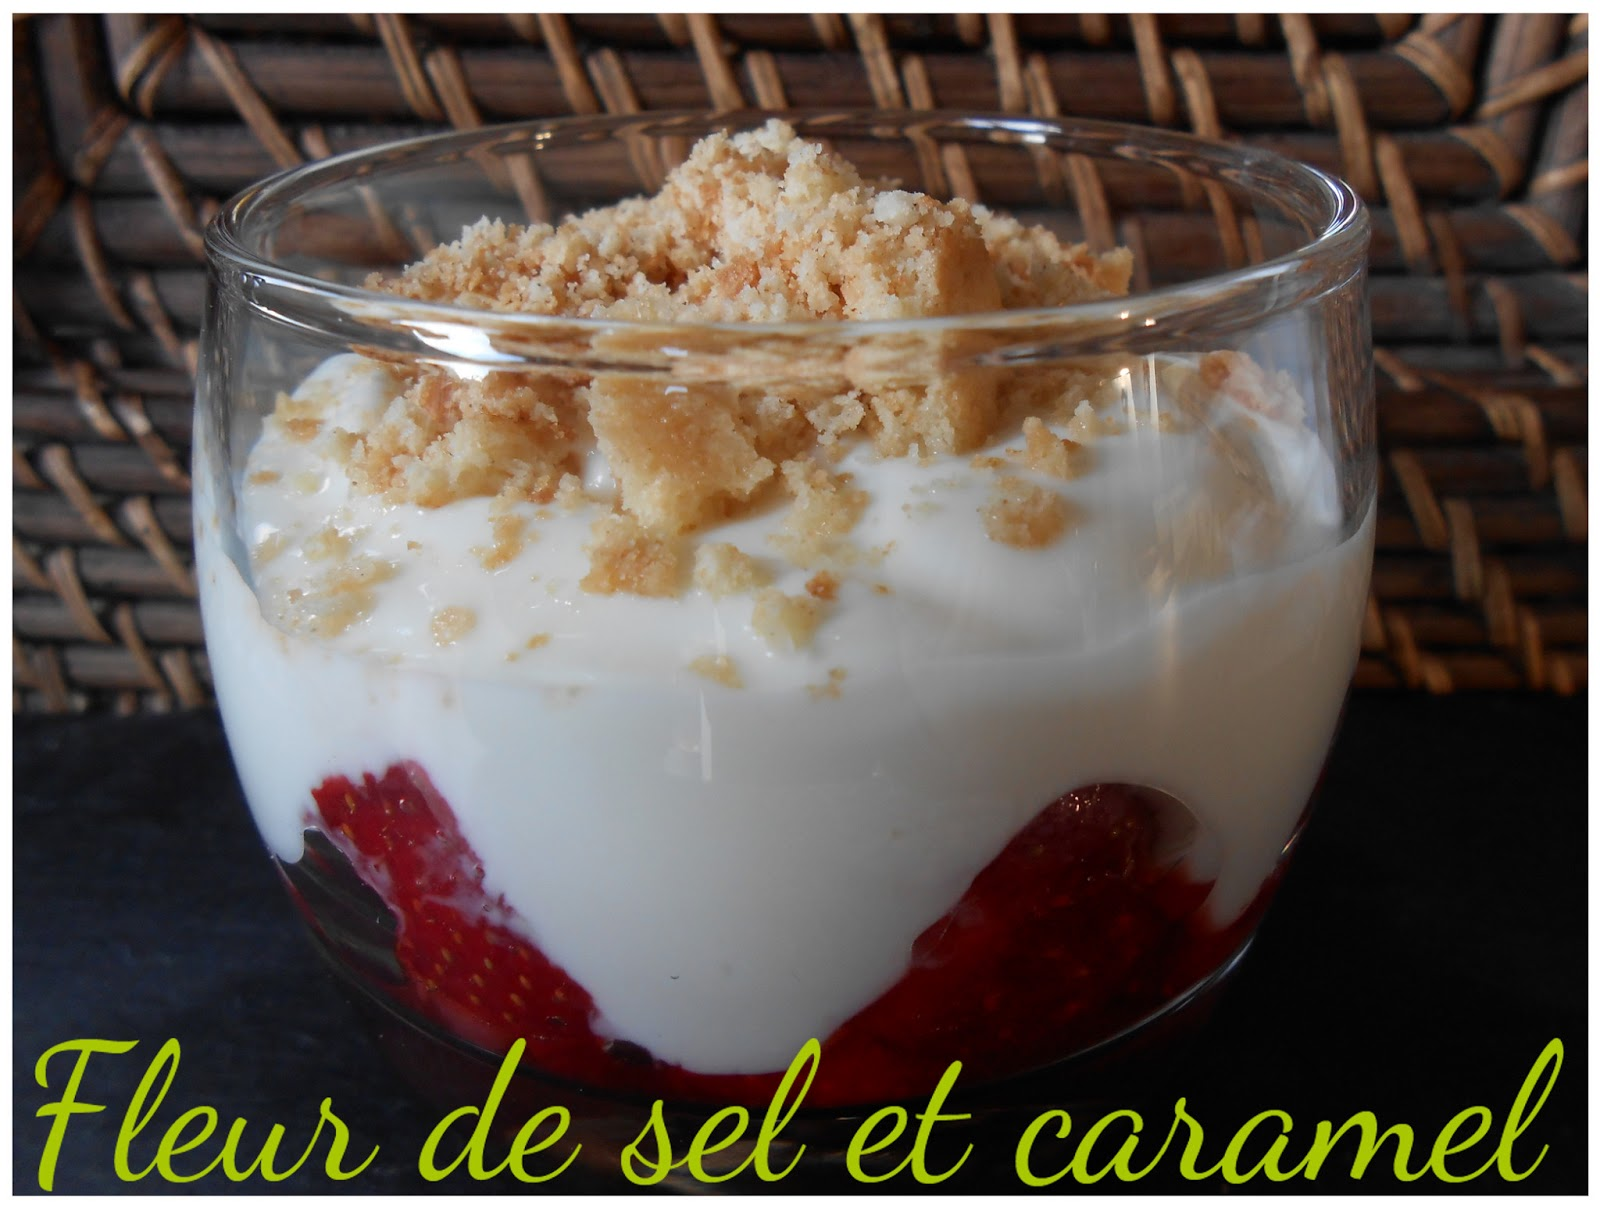 Fleur de sel et Caramel: Verrines bretonnes de fraises et..